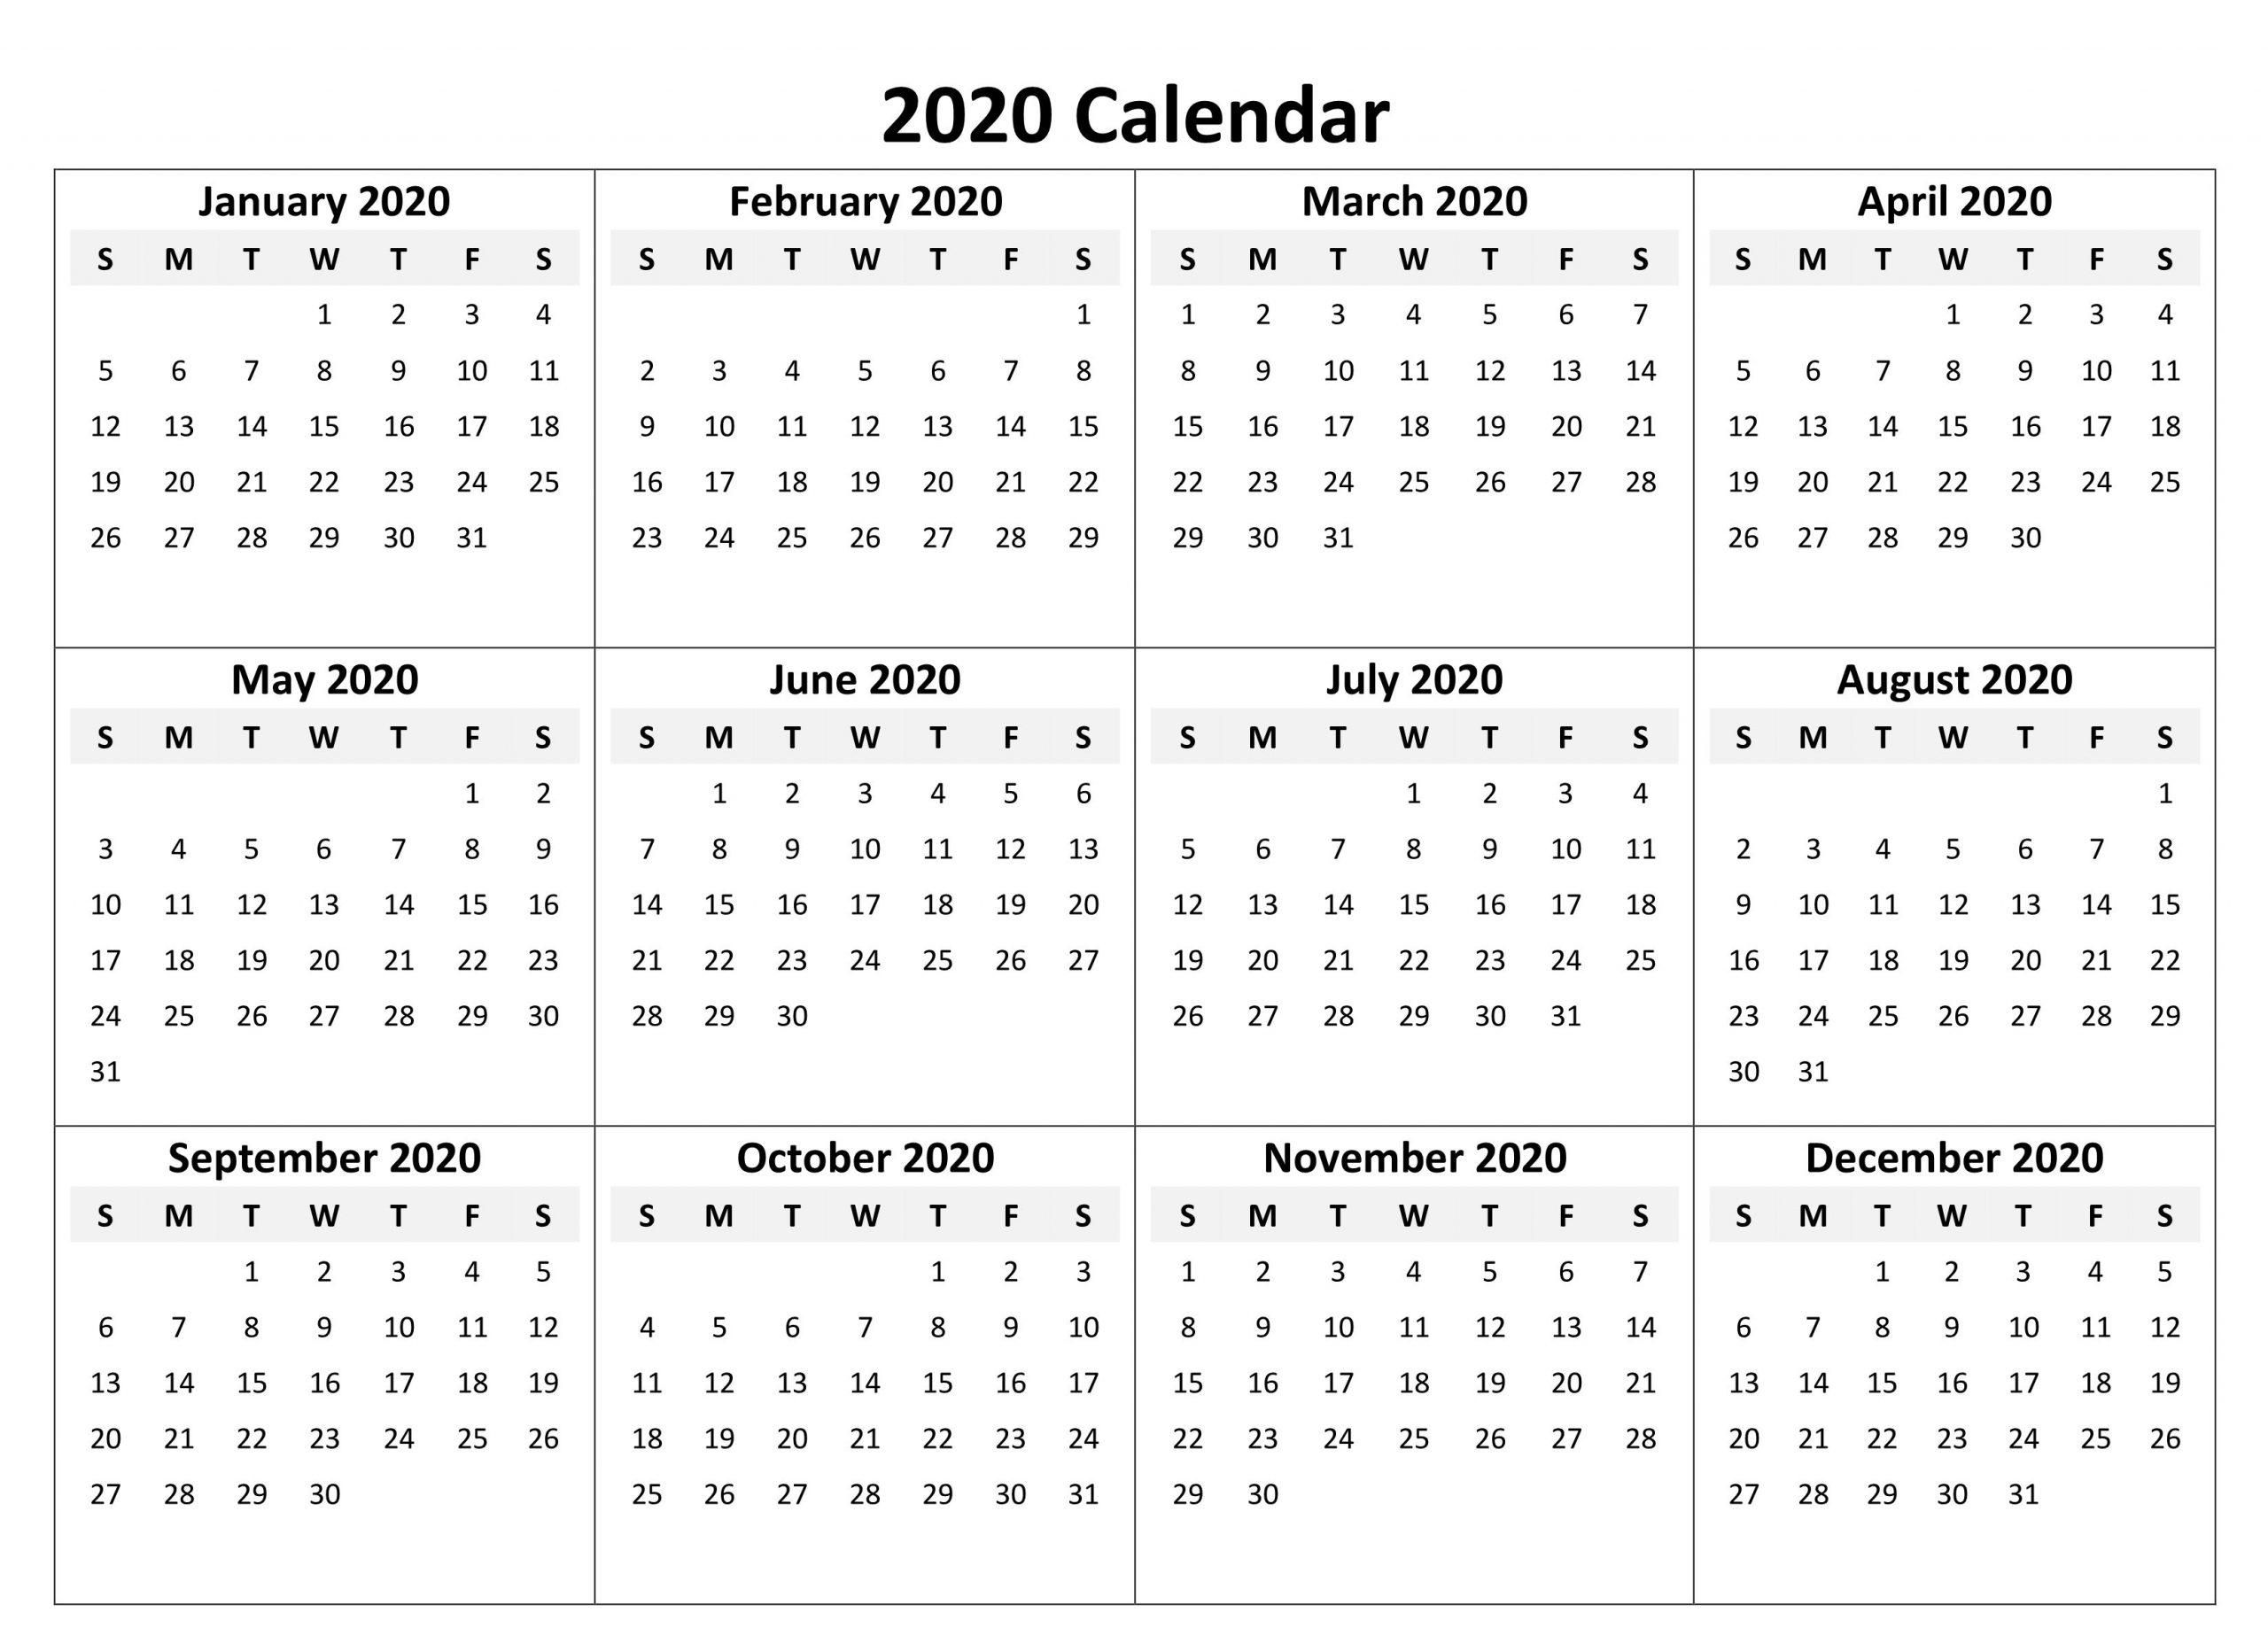 Free Editable 2020 Calendar Printable Template | Printable